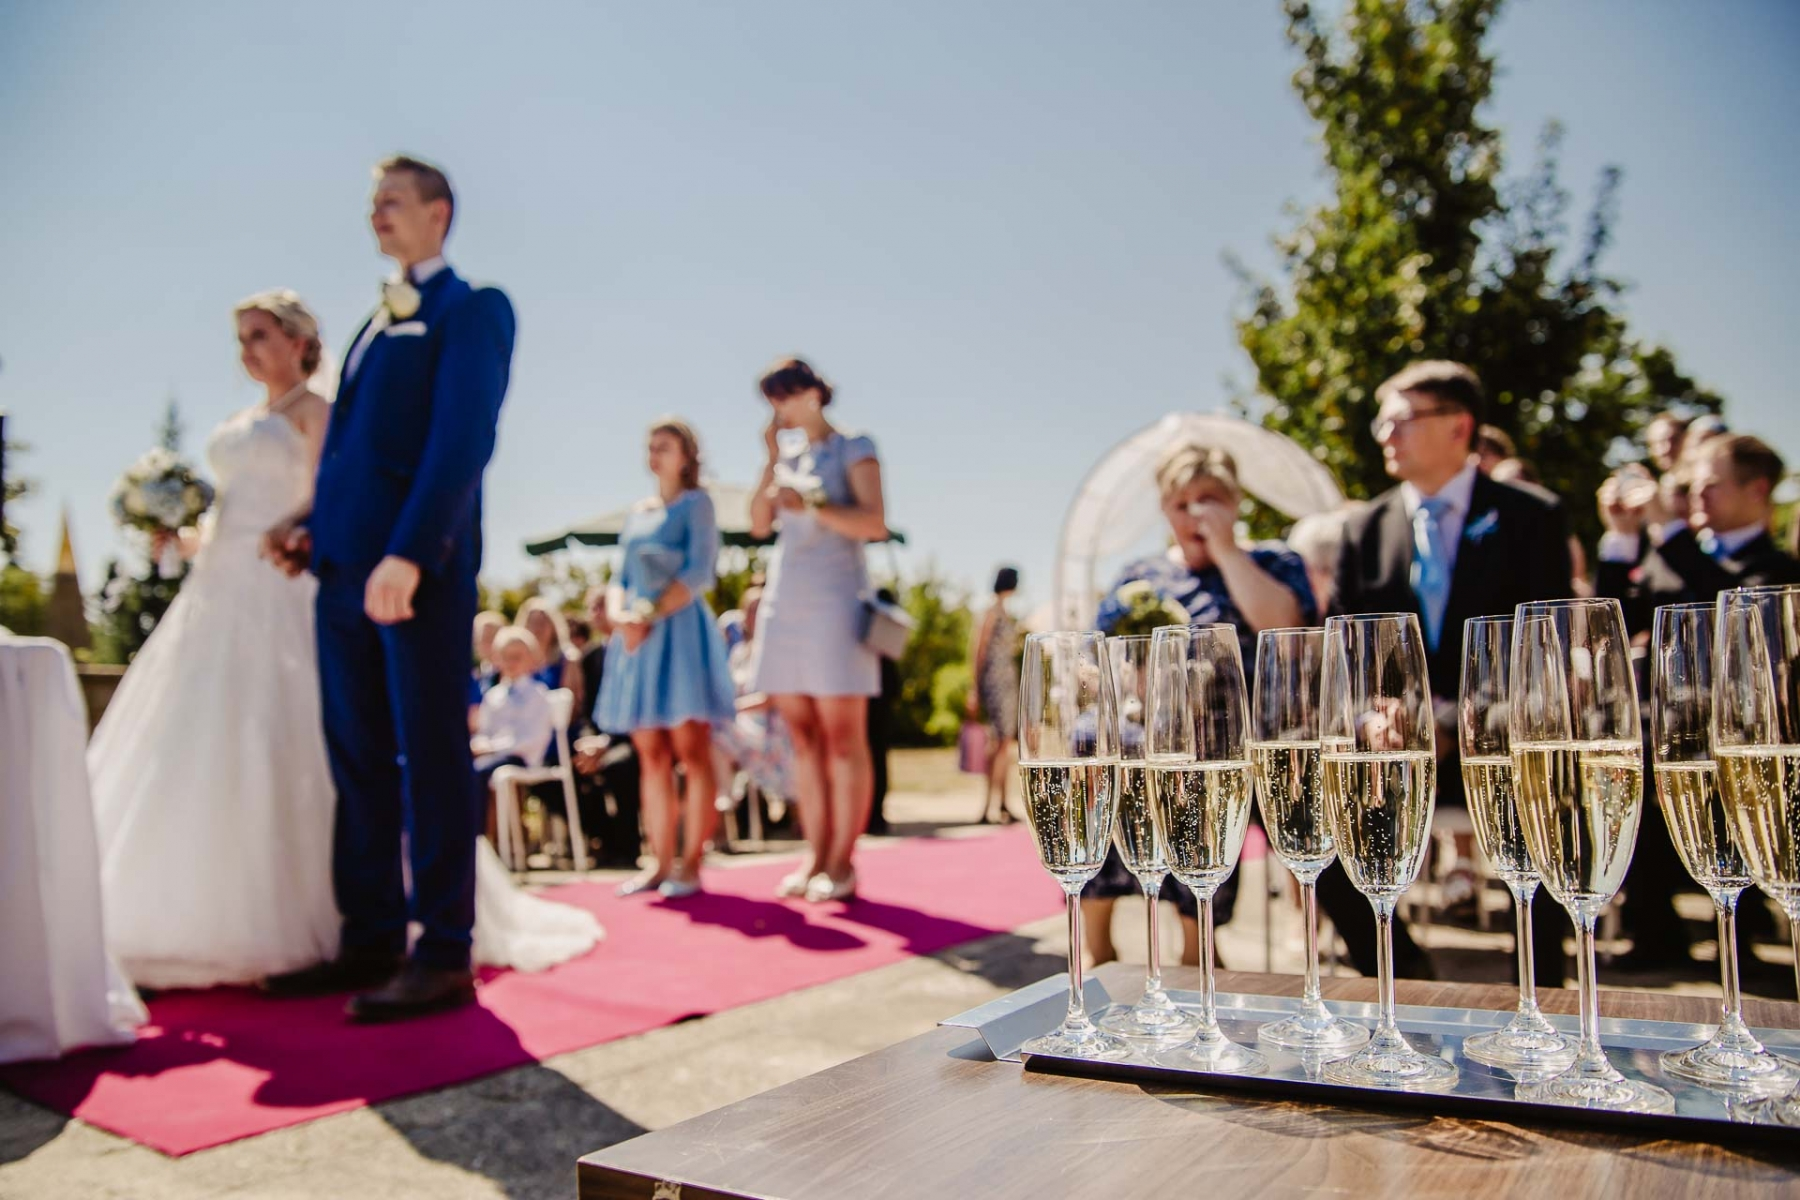 svatební fotograf zámek Mníšek pod Brdy, svatba na zámku, letní nejkrásnější zámecká svatba, Bára a Ondra-35